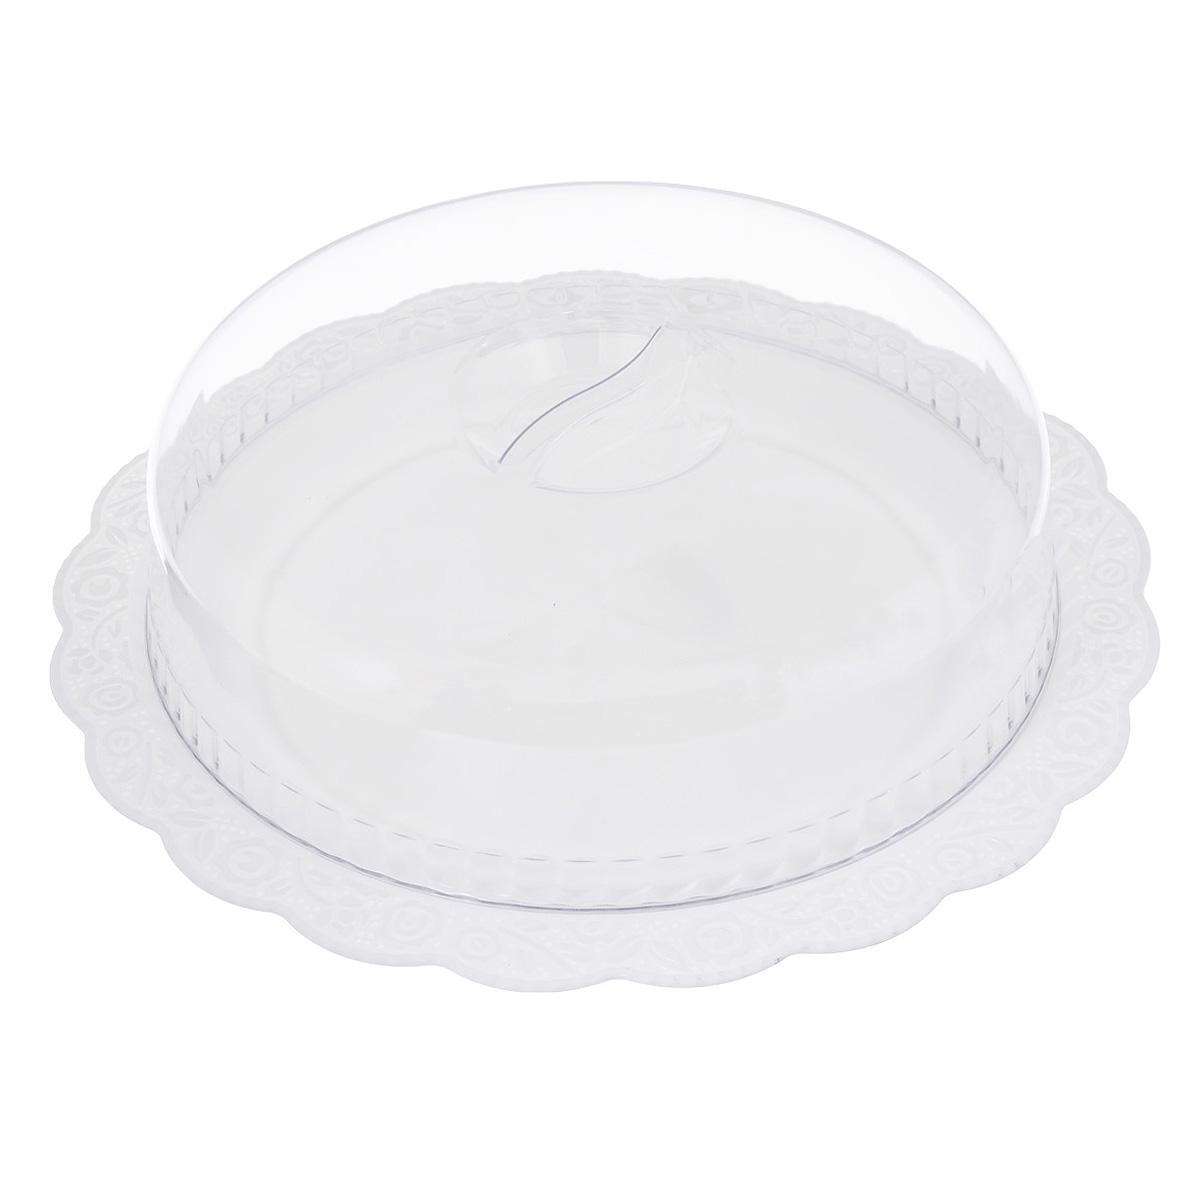 Блюдо Альтернатива Нежность, с крышкой, цвет: белый, прозрачный, 36,5 х 36,5 х 10 смМ1206Круглое блюдо Альтернатива Нежность выполнено из высококачественного пищевого пластика и оснащено прозрачной крышкой. Волнообразные края изделия оформлены красивым рельефным рисунком. Блюдо идеально для подачи торта, больших пирогов. Оригинальный дизайн блюда придется по вкусу и ценителям классики, и тем, кто предпочитает утонченность и изысканность. Такое блюдо настроит на позитивный лад и подарит хорошее настроение всем, кто любит готовить.Внутренний диаметр блюда: 28 см. Общий размер блюда (с учетом крышки): 36,5 см х 36,5 см х 10 см.